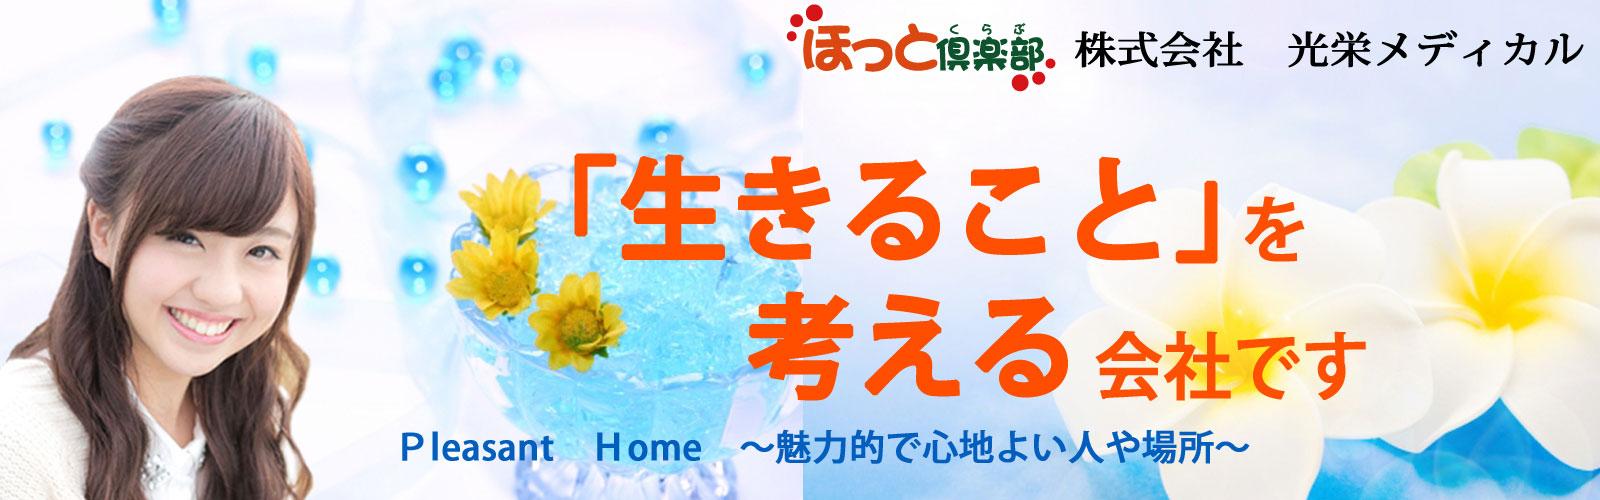 神戸市西区の老人ホーム